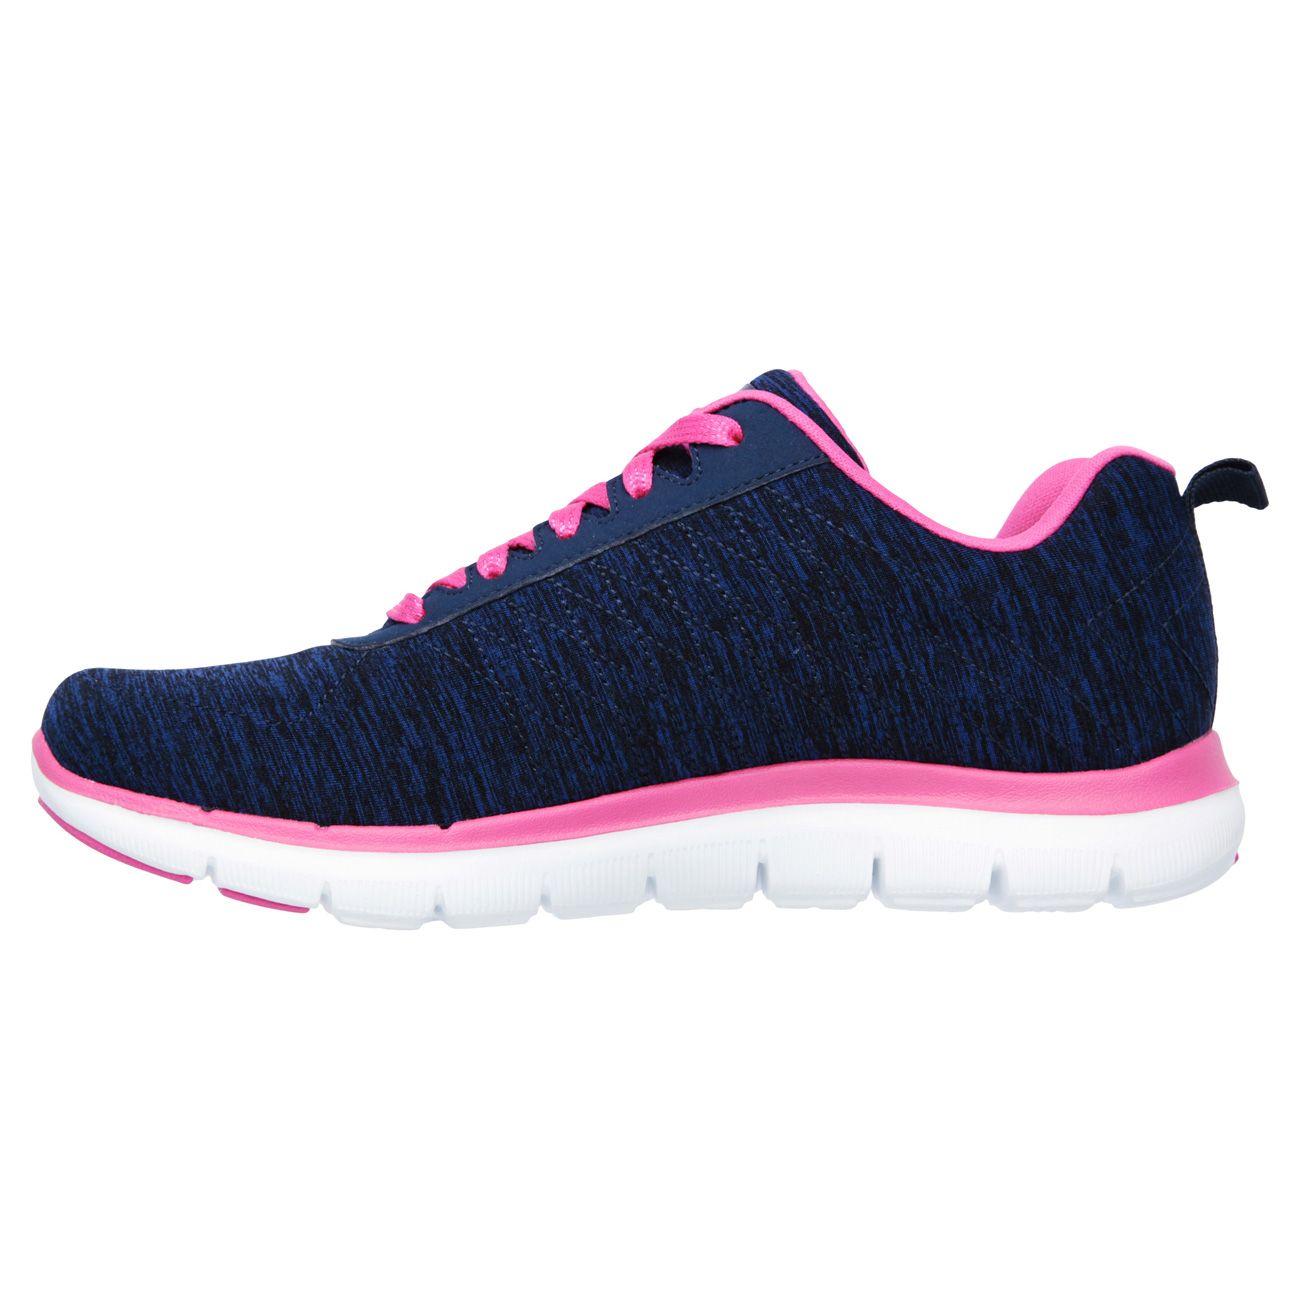 Ladies Skechers Tennis Shoes